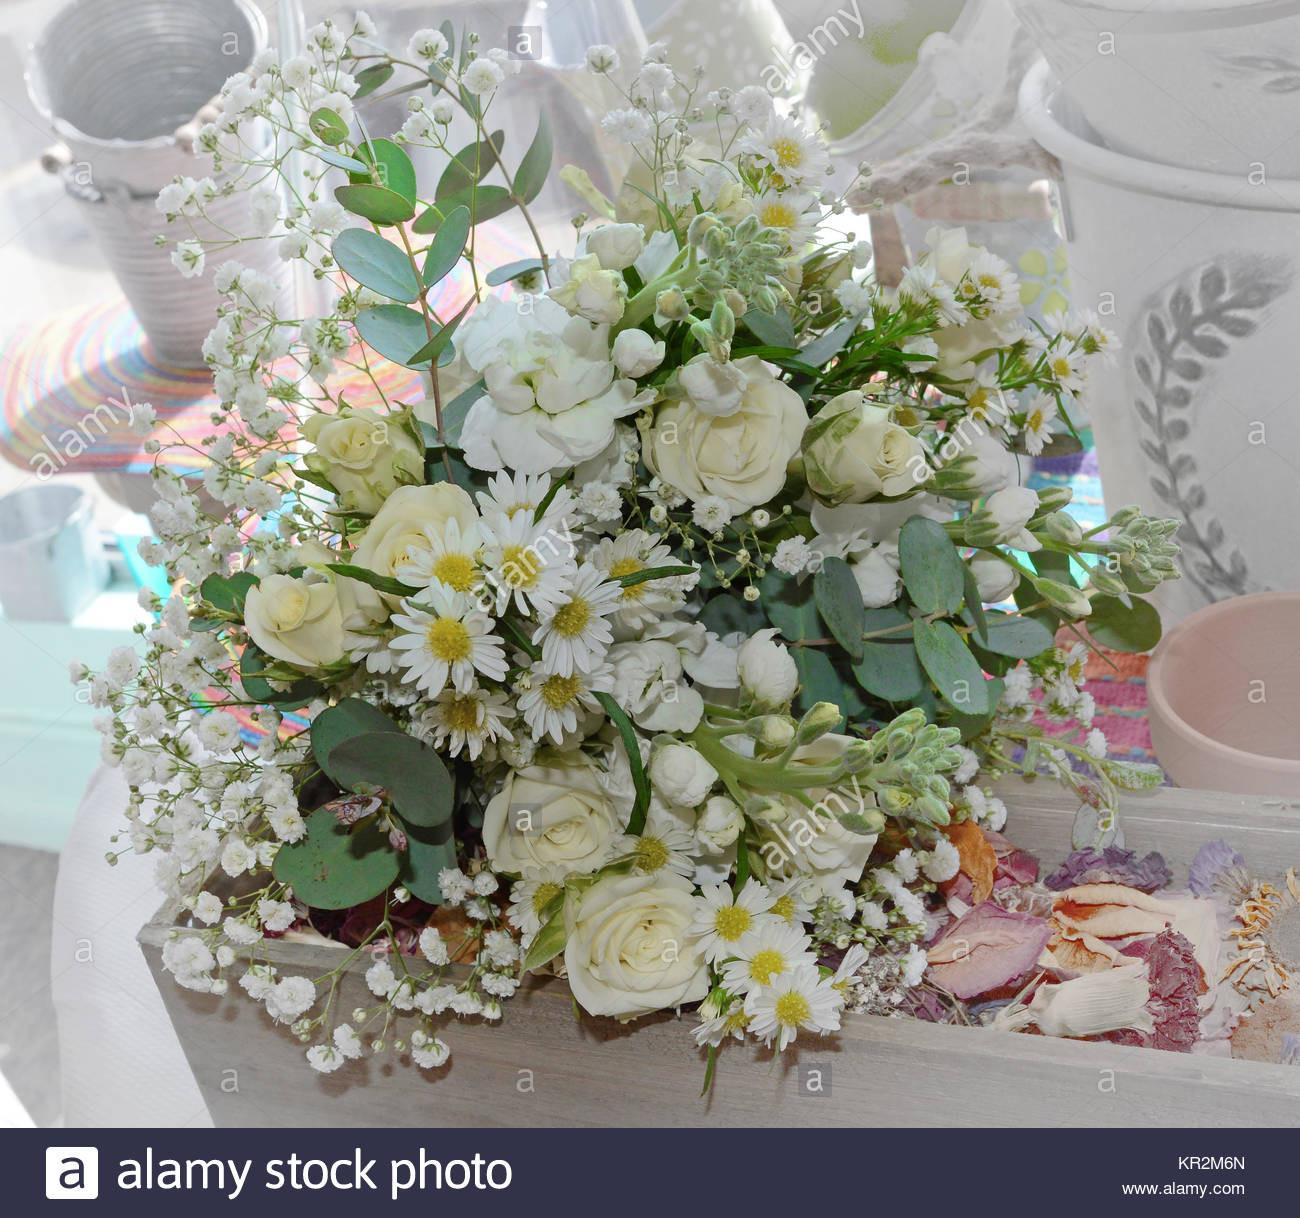 Brautstrauß Mit Hortensien  Foto von einer fließenden alle weiß Brautstrauß mit